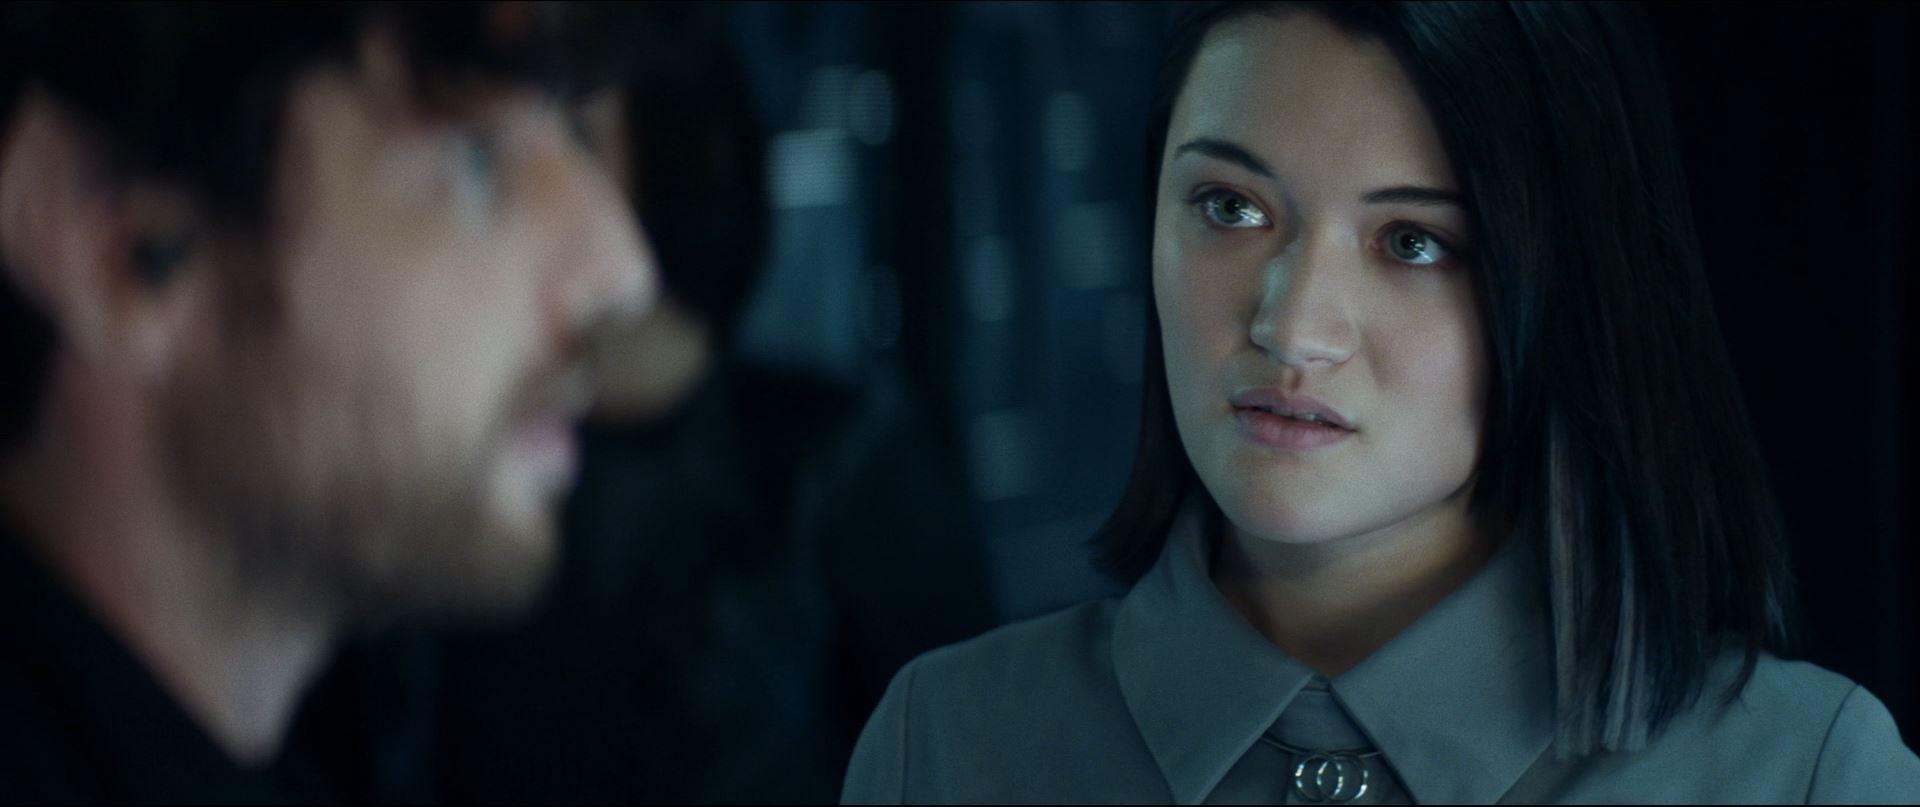 Star Trek Picard - Isa Briones as Soji Asher